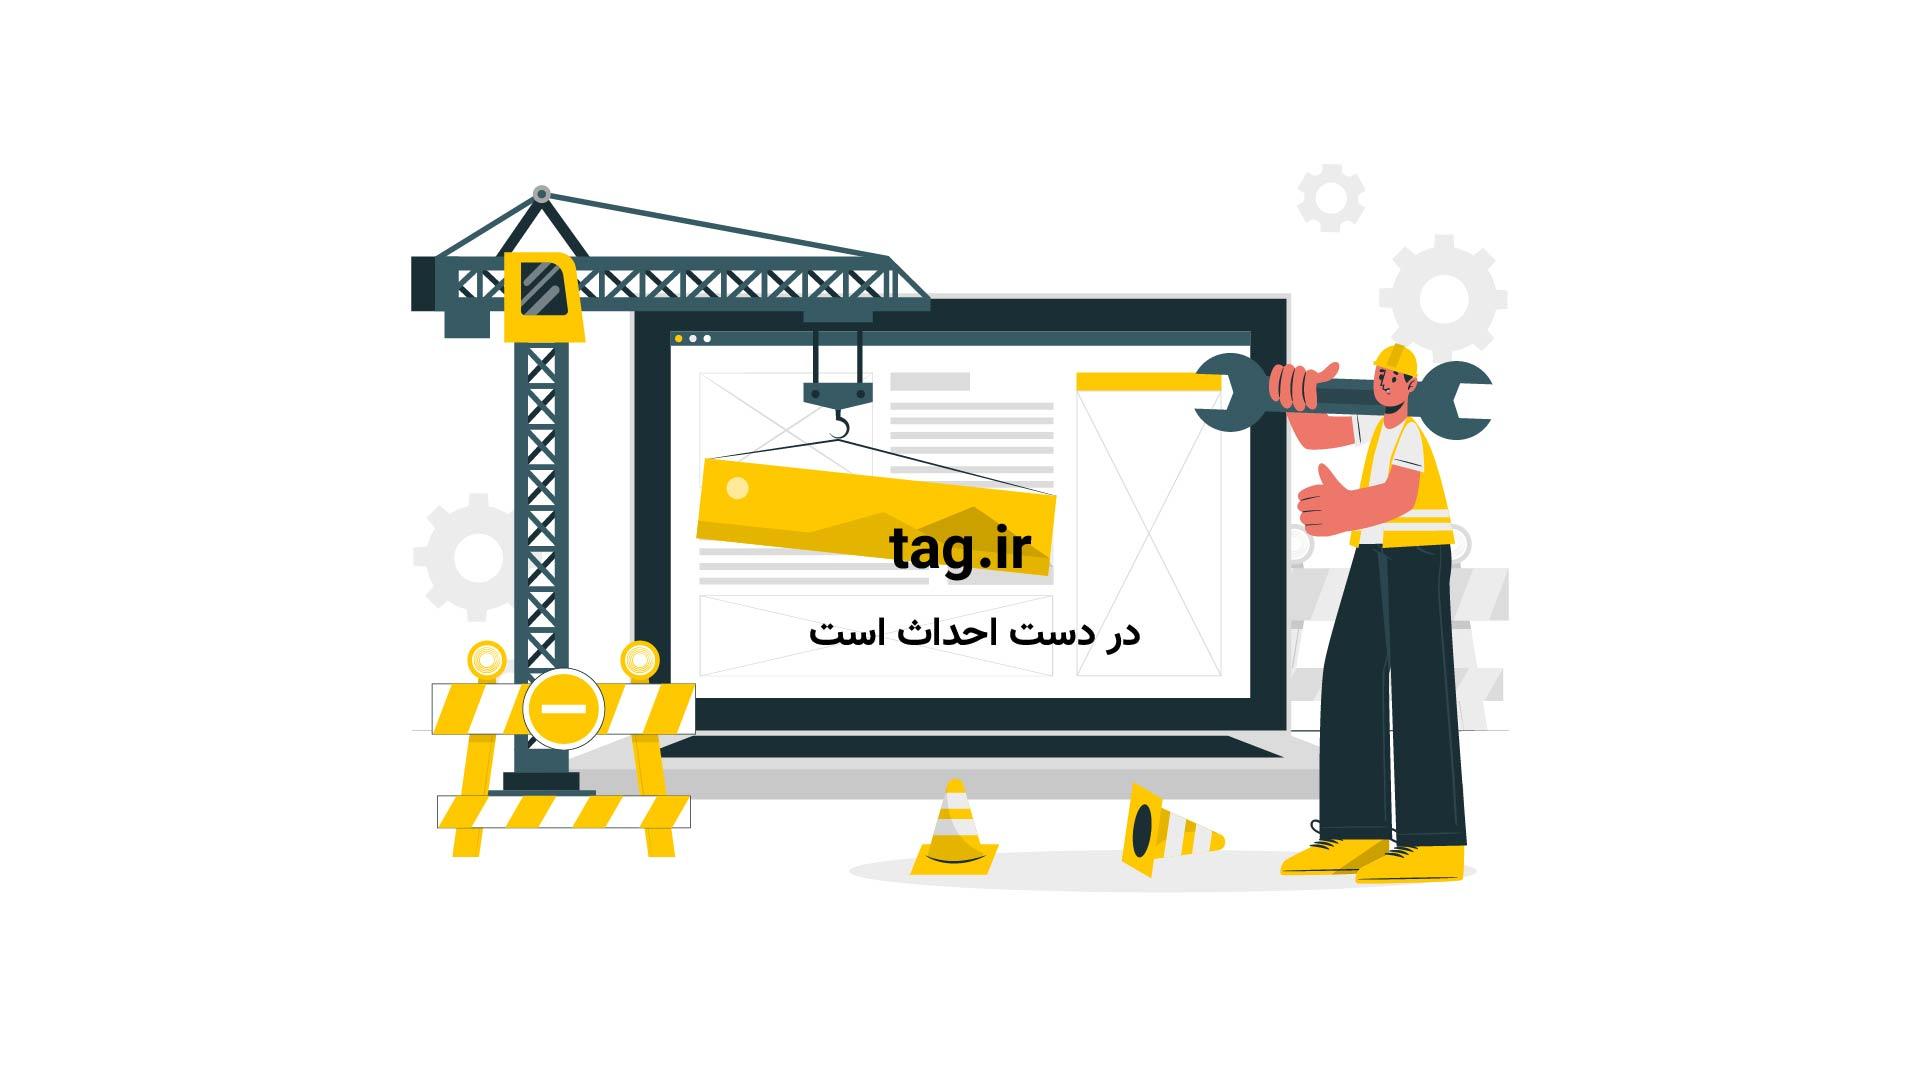 صحبتهای وزیر پیشنهادی اقتصاد در جلسه بررسی صلاحیت وزیران | فیلم